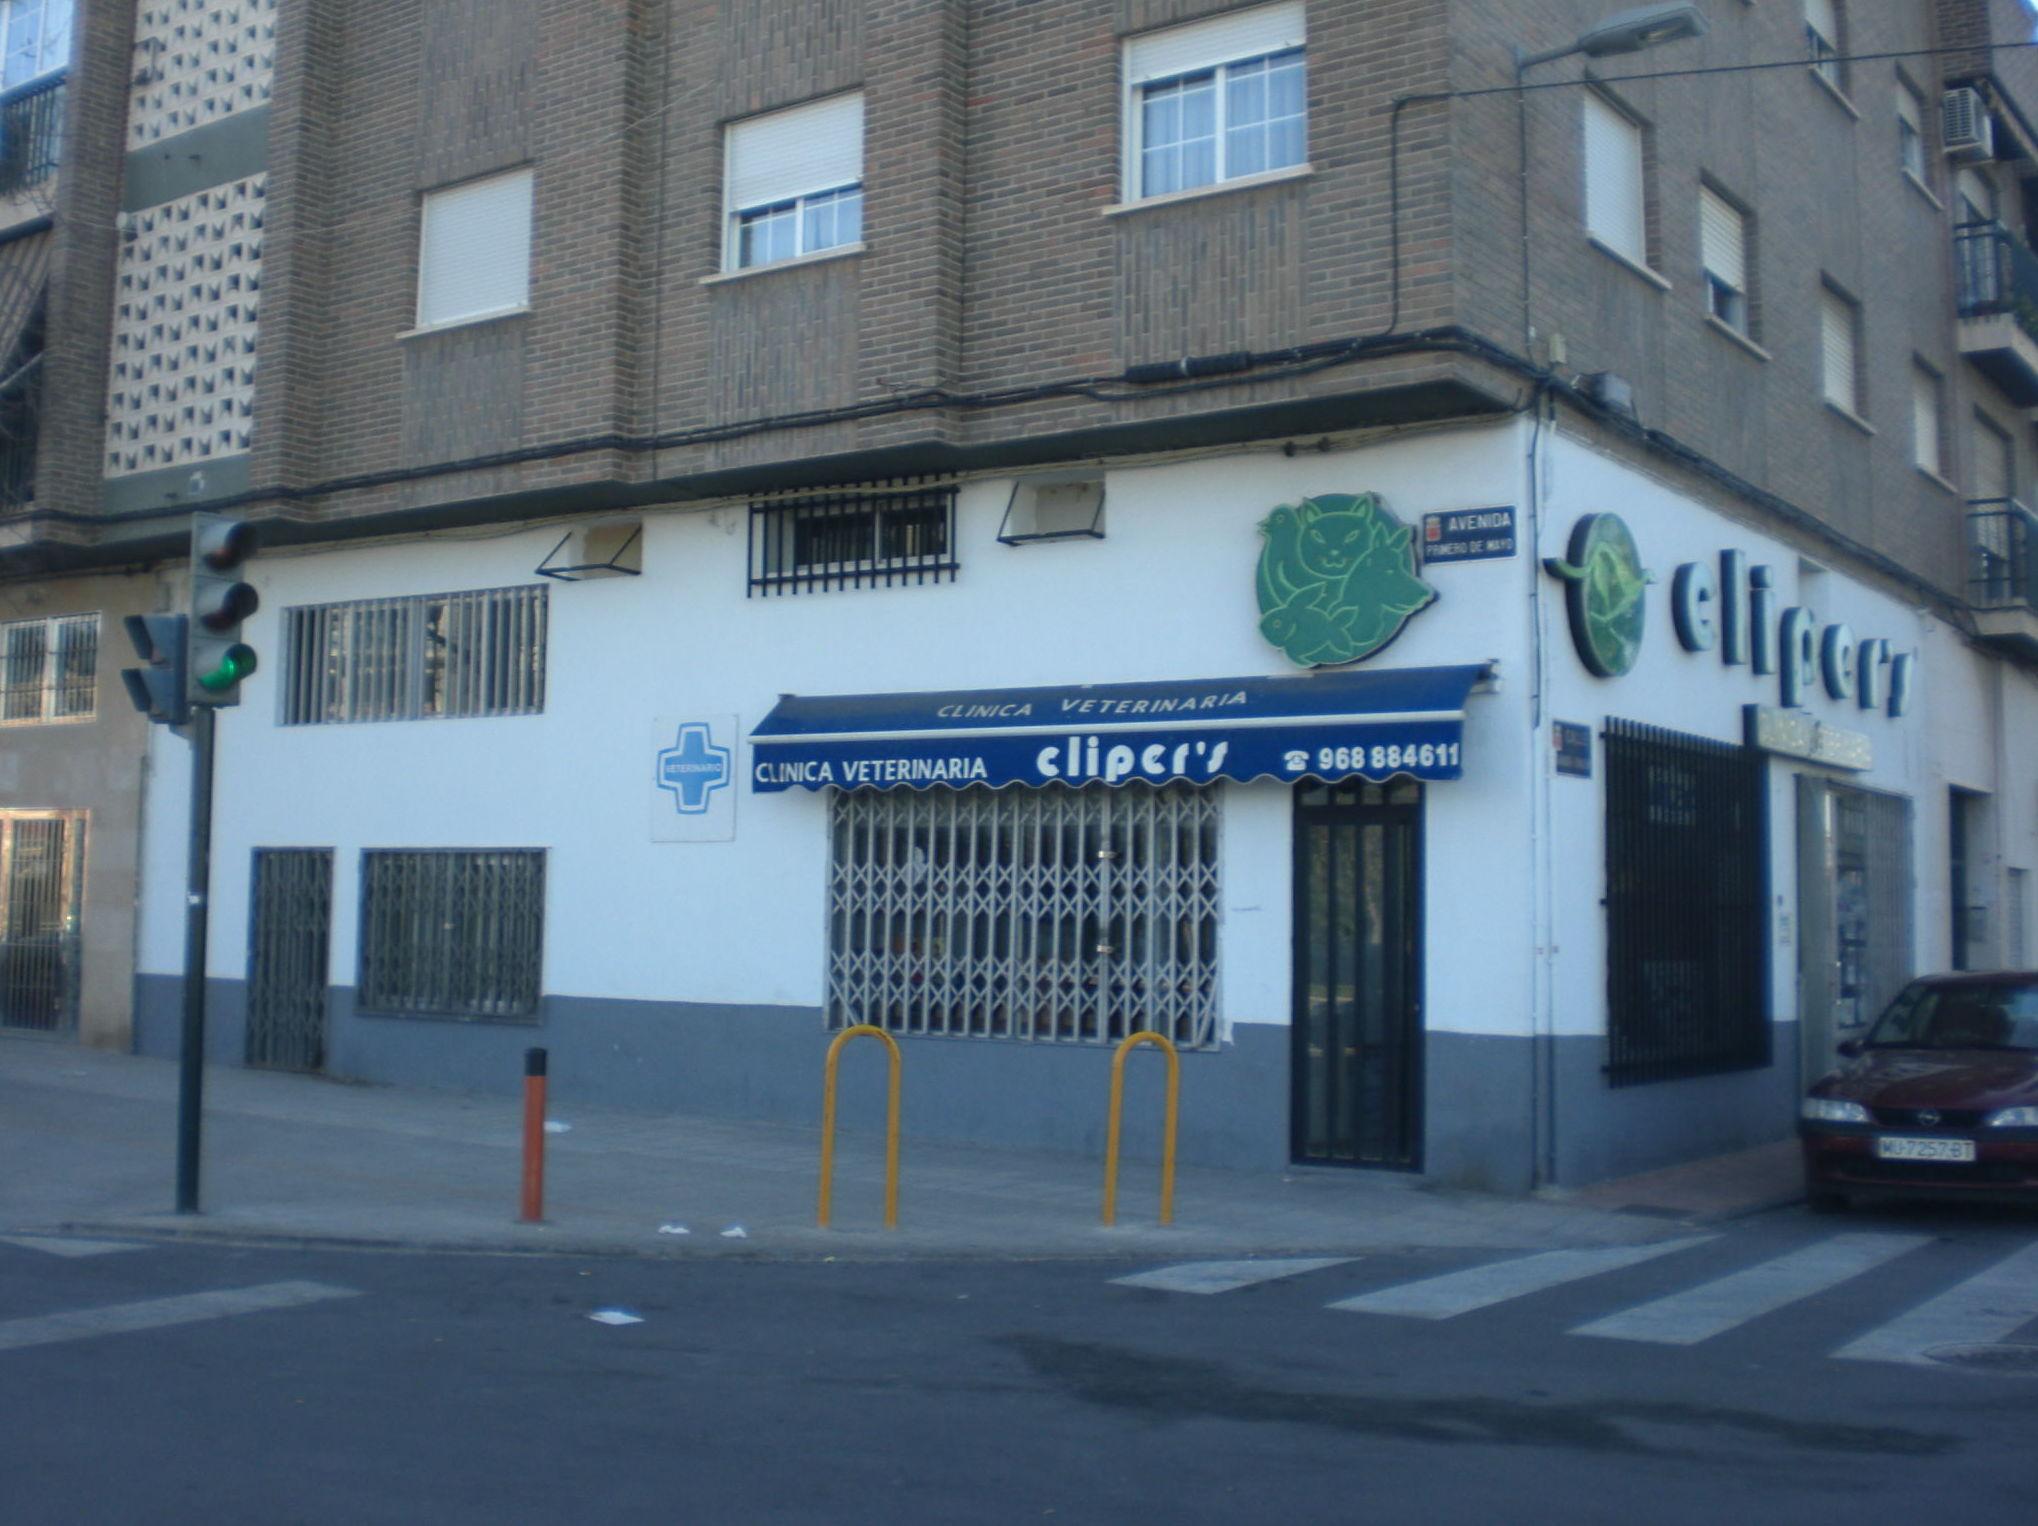 Foto 10 de Veterinarios en El Palmar | Cliper's Clínica Veterinaria